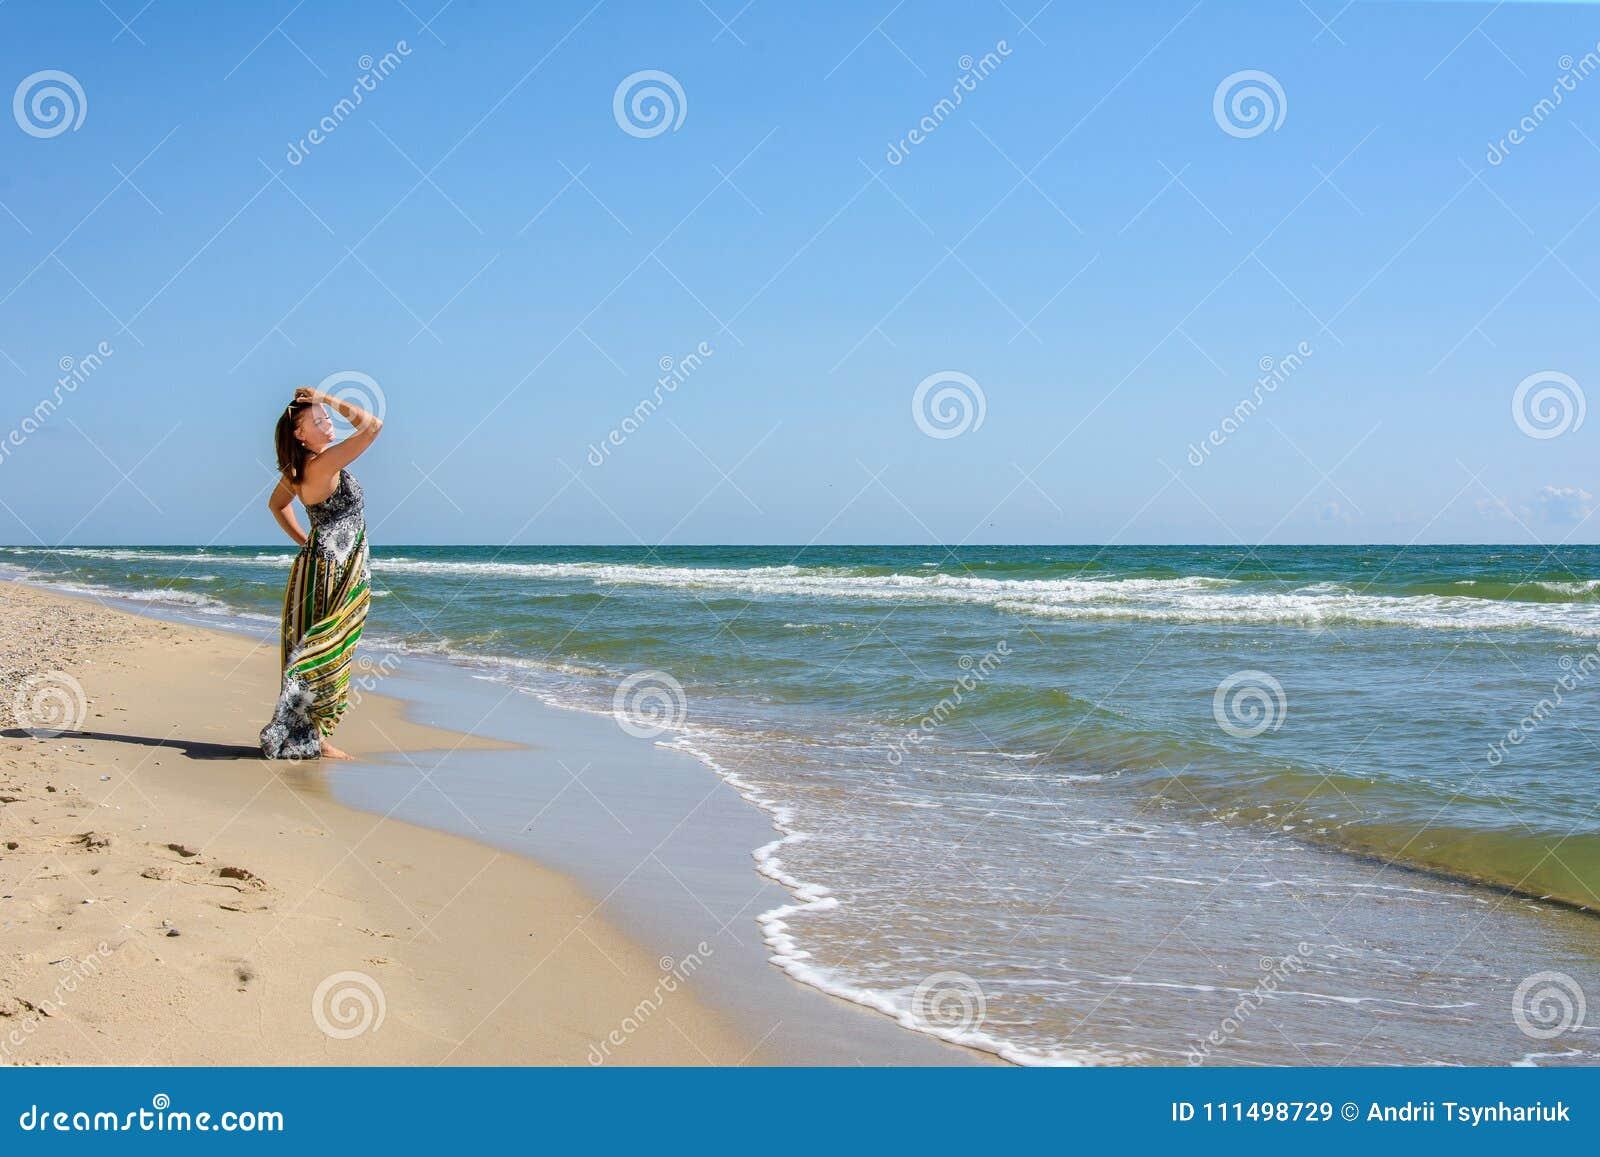 Härligt flickaanseende på stranden av Blacket Sea i solglasögon och klänningar